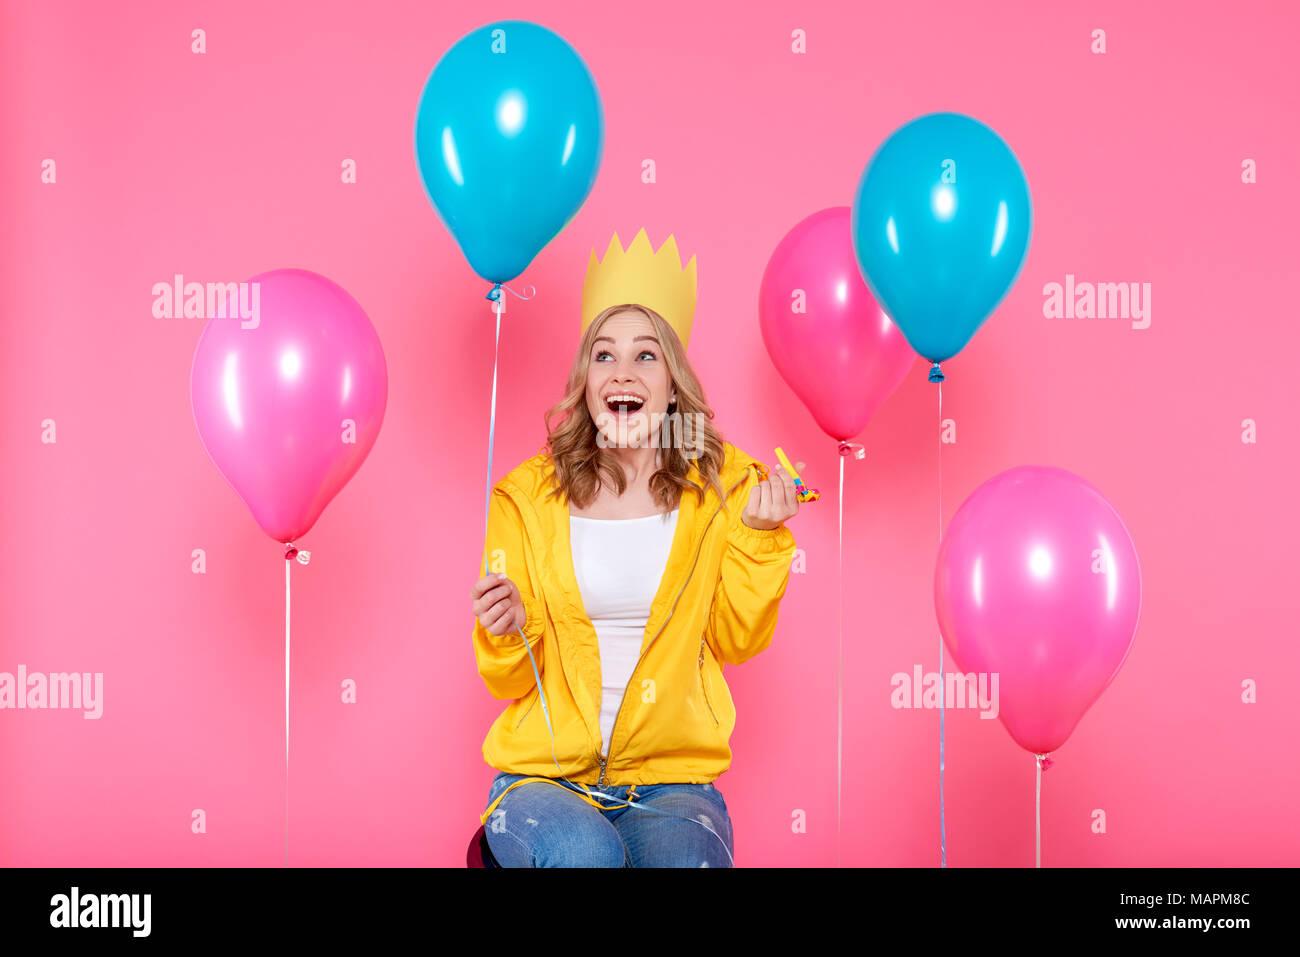 Funny Girl dans anniversaire hat, de ballons et de blowout horn sur fond rose pastel. Adolescent branché attrayants celebrating birthday. Photo Stock